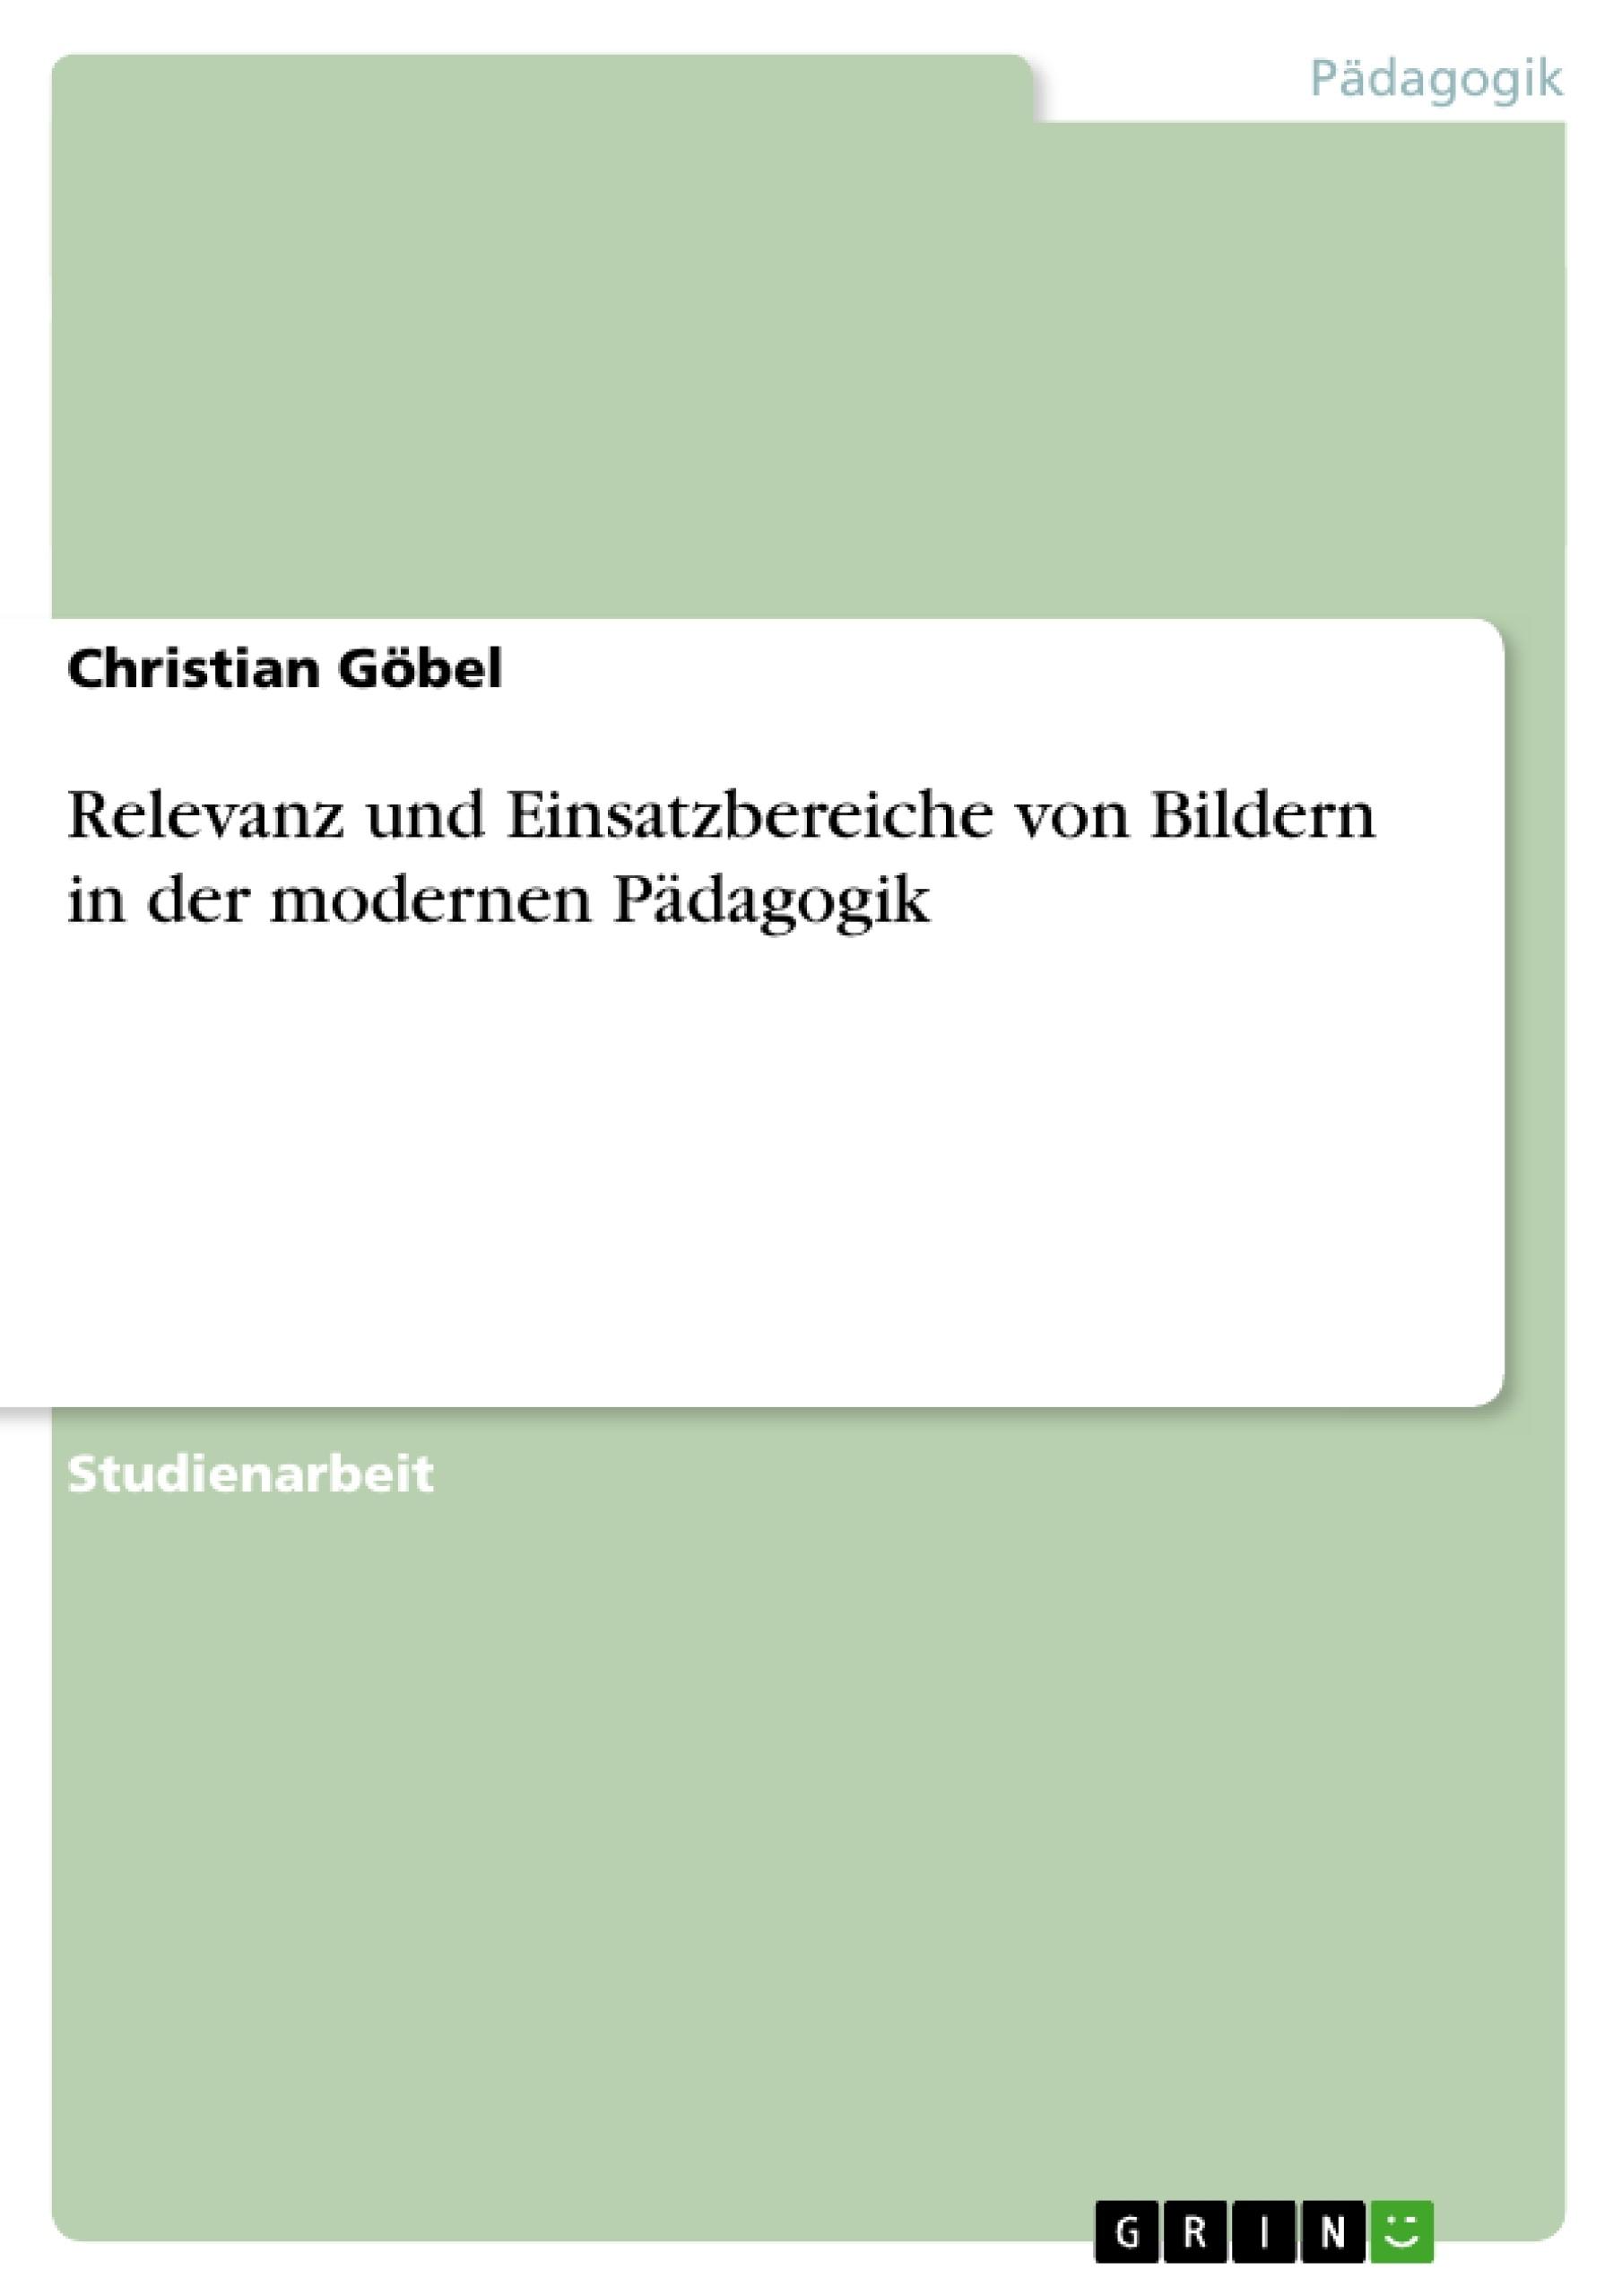 Titel: Relevanz und Einsatzbereiche von Bildern in der modernen Pädagogik